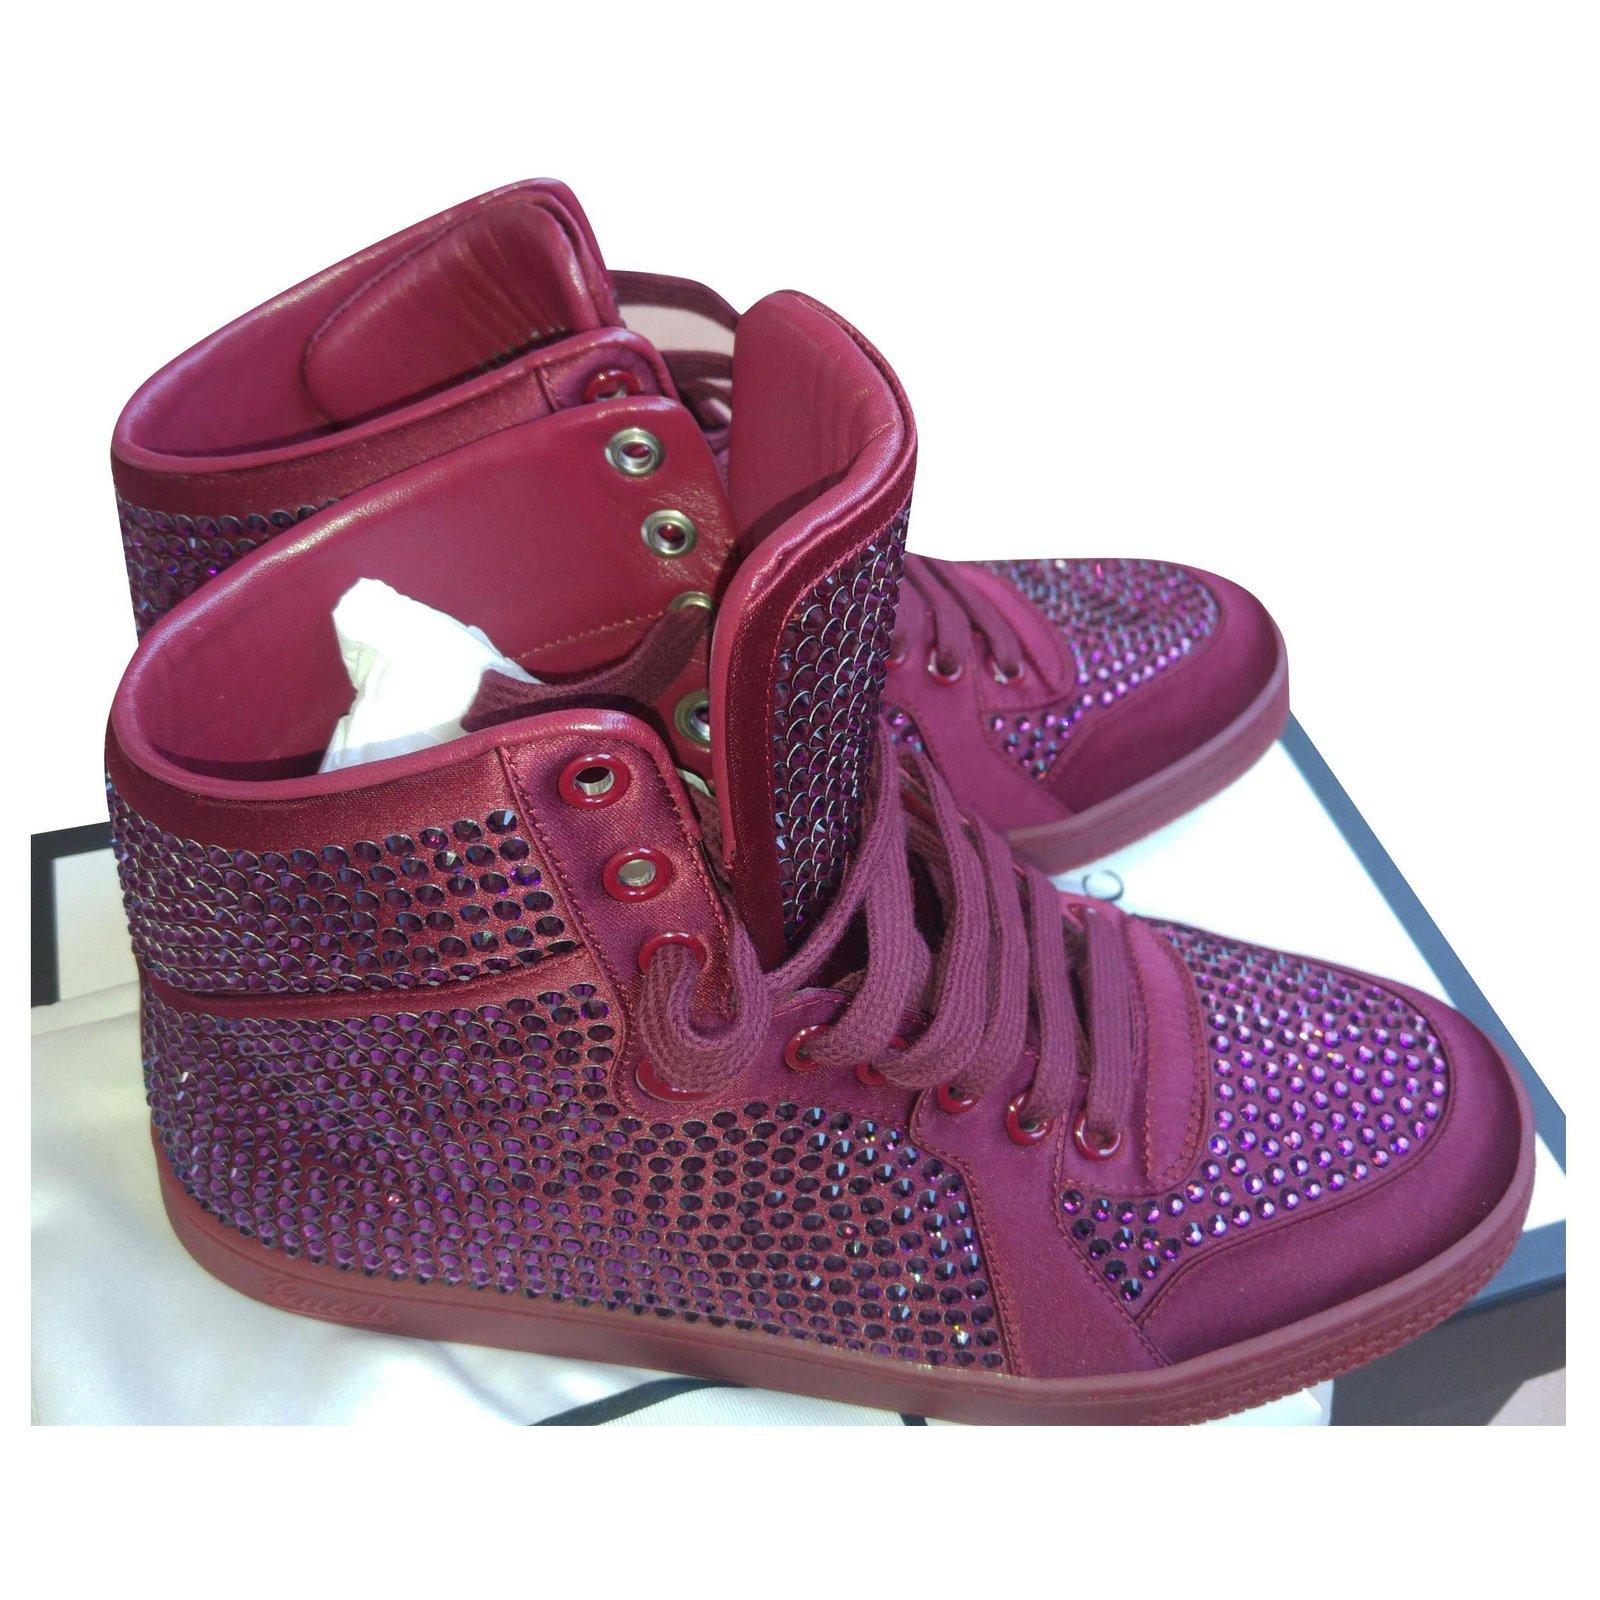 Gucci Gucci Sneakers Swarovski Sneakers